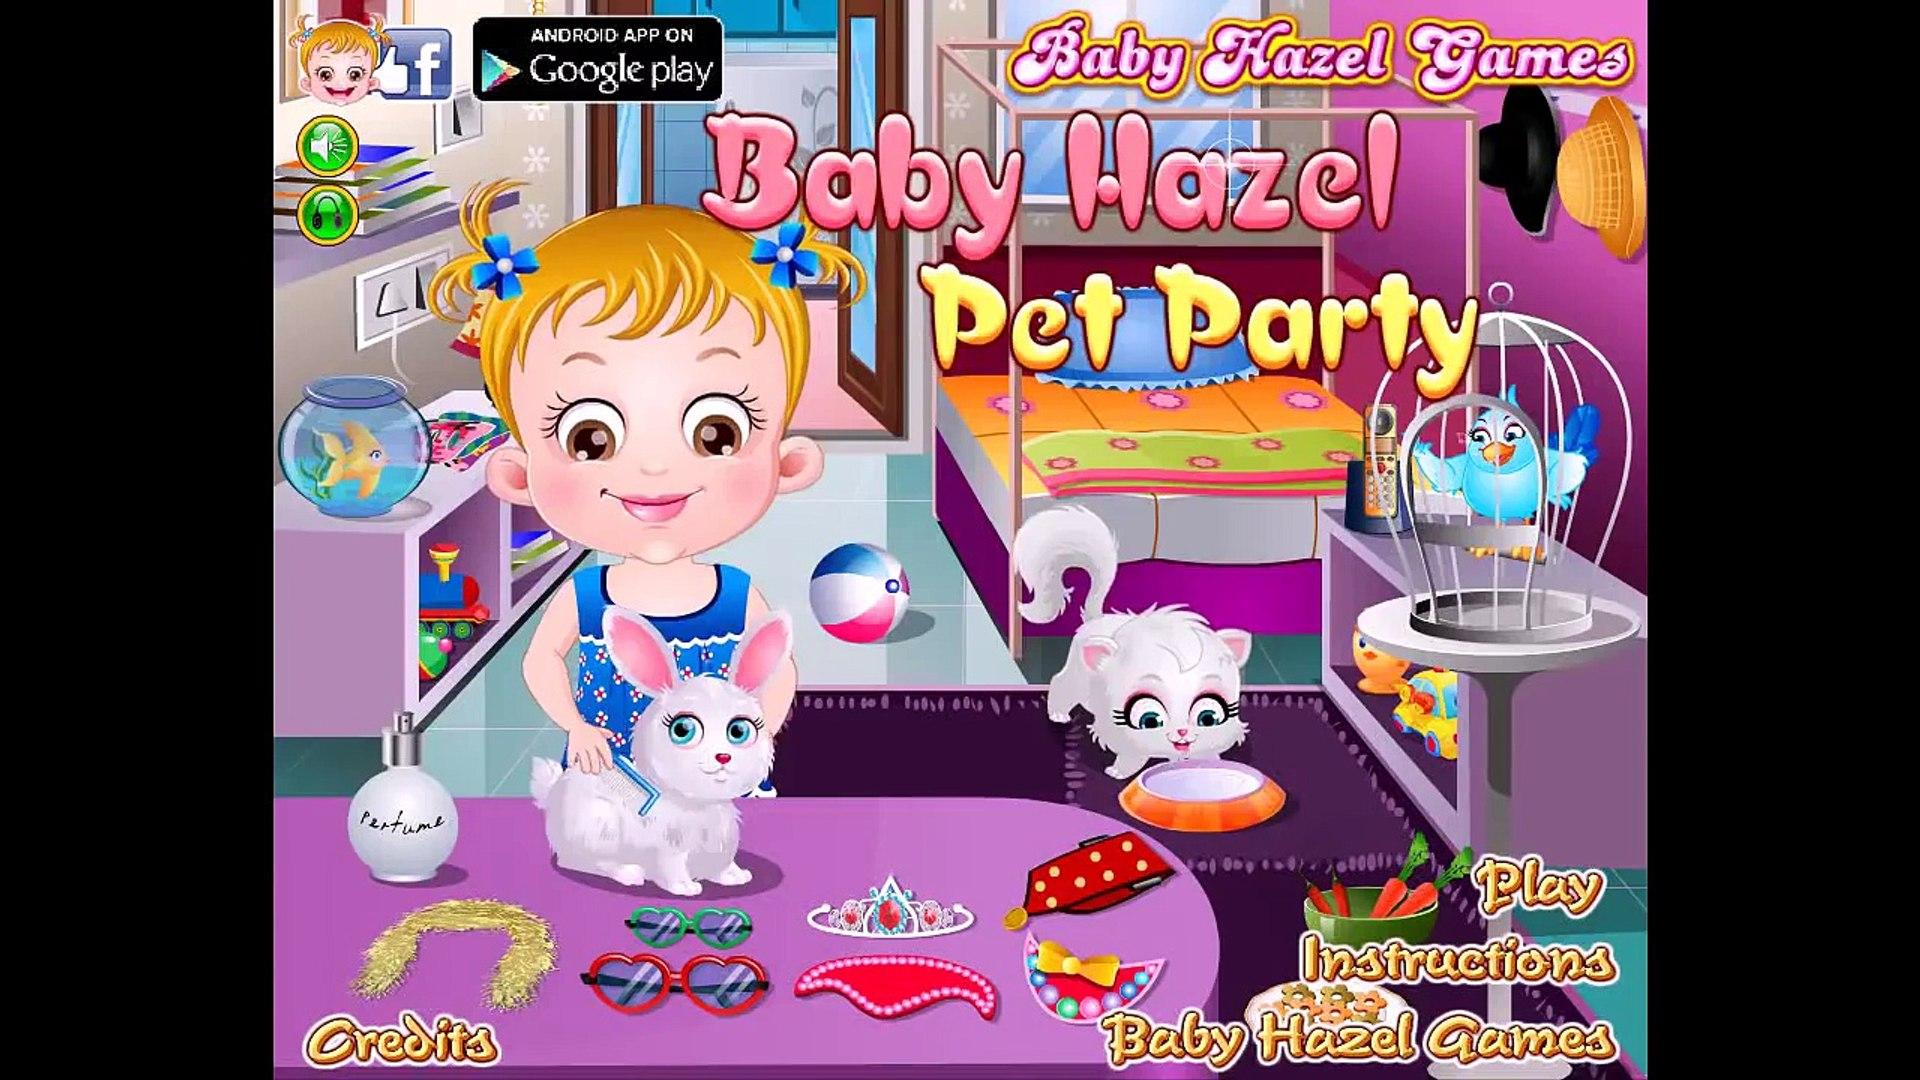 Baby Hazel Pet Party - Baby Hazel Games